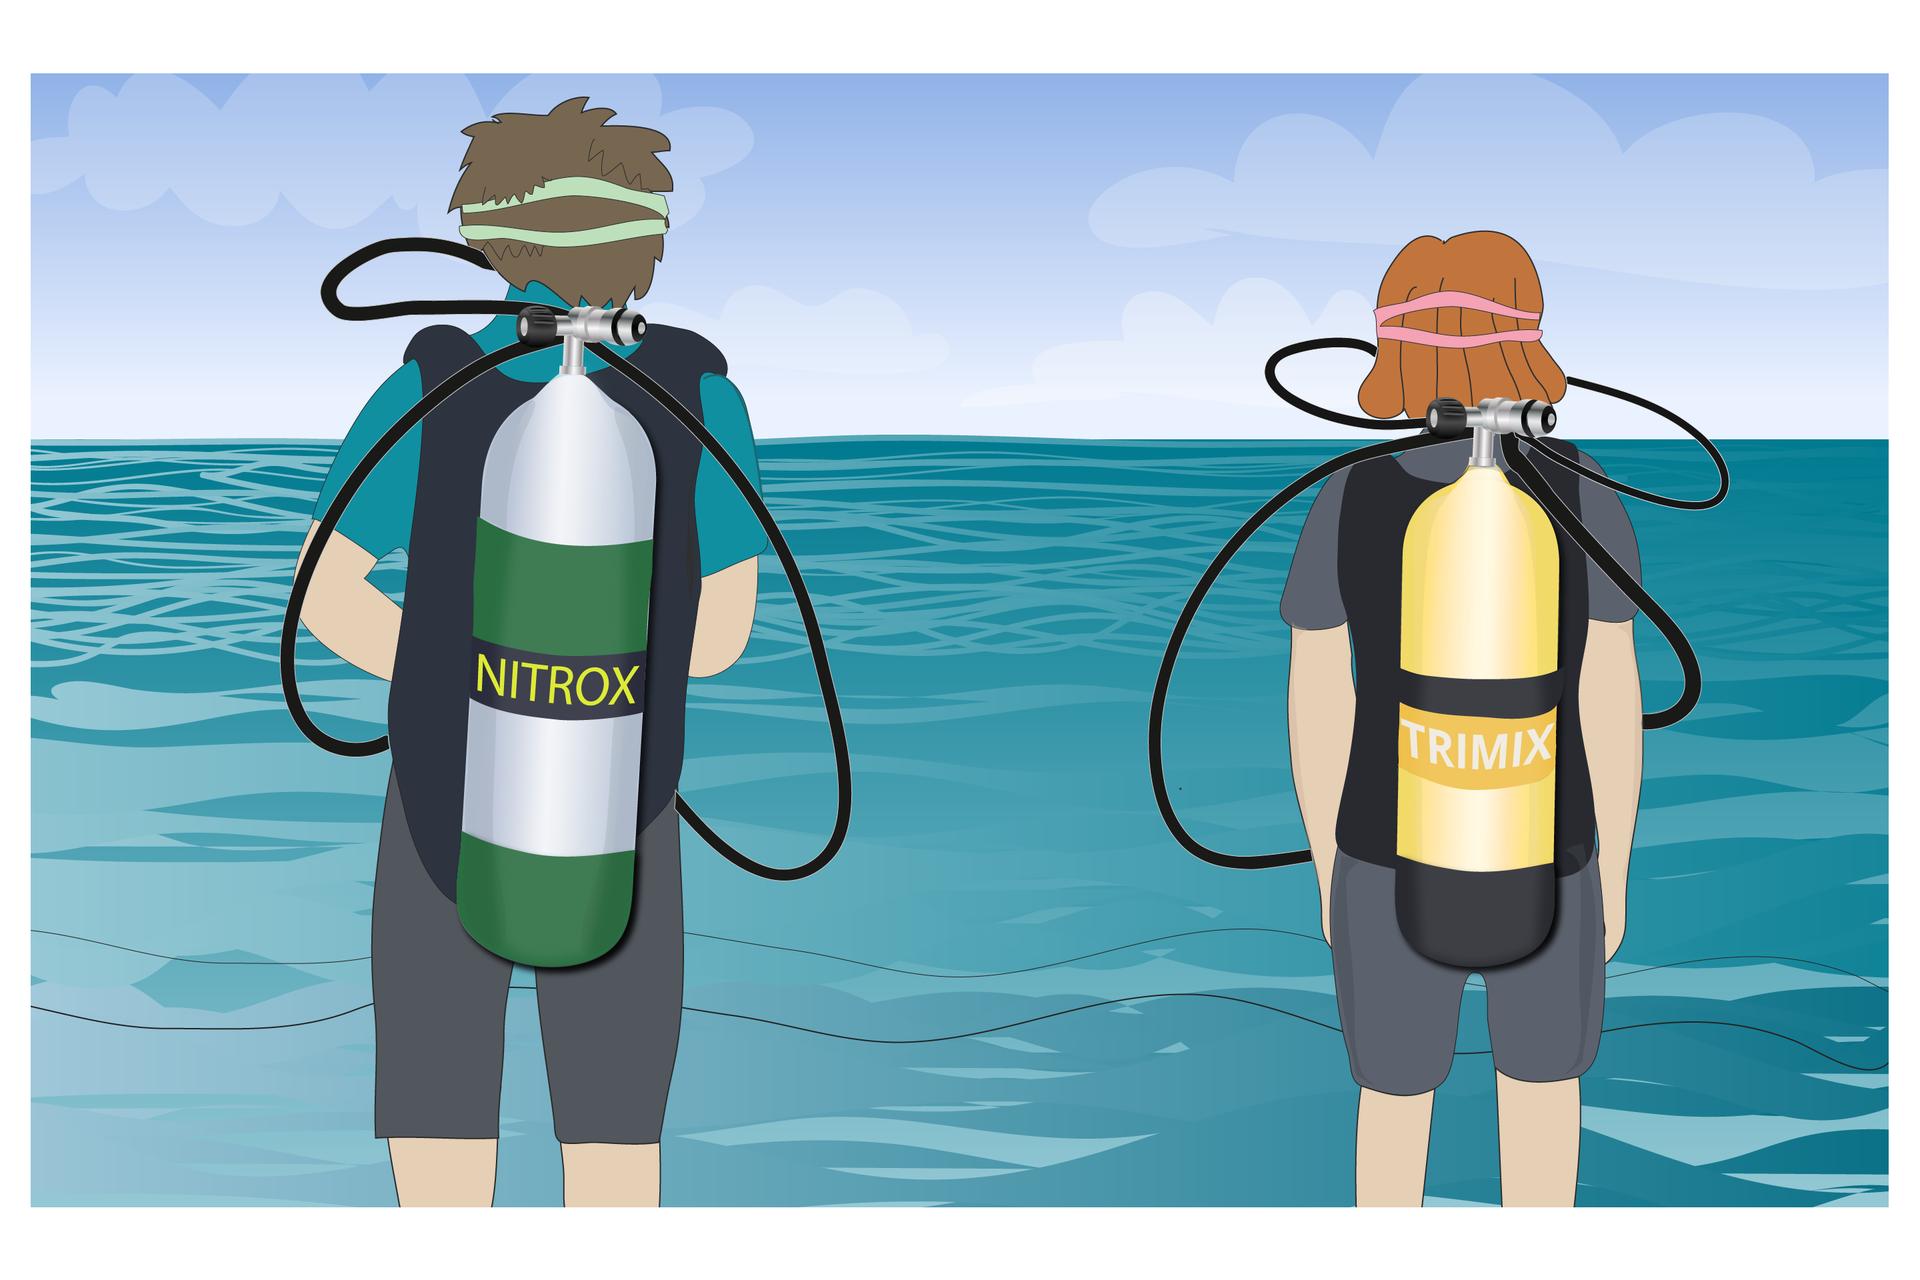 Ilustracja stanowi rysunek przedstawiających od tyłu dwoje nurków stojących nad brzegiem morza. Oboje ubrani są wstroje do nurkowania imają na plecach aparaty, ana twarzach maski do nurkowania, których paski widać ztyłu głów. Po lewej stronie wyższy chłopak lub młody mężczyzna ma na plecach zielono srebrną butlę znapisem NITROX. Po prawej stronie niższa rudowłosa dziewczyna ma na plecach żółtą butlę znapisem TRIMIX.